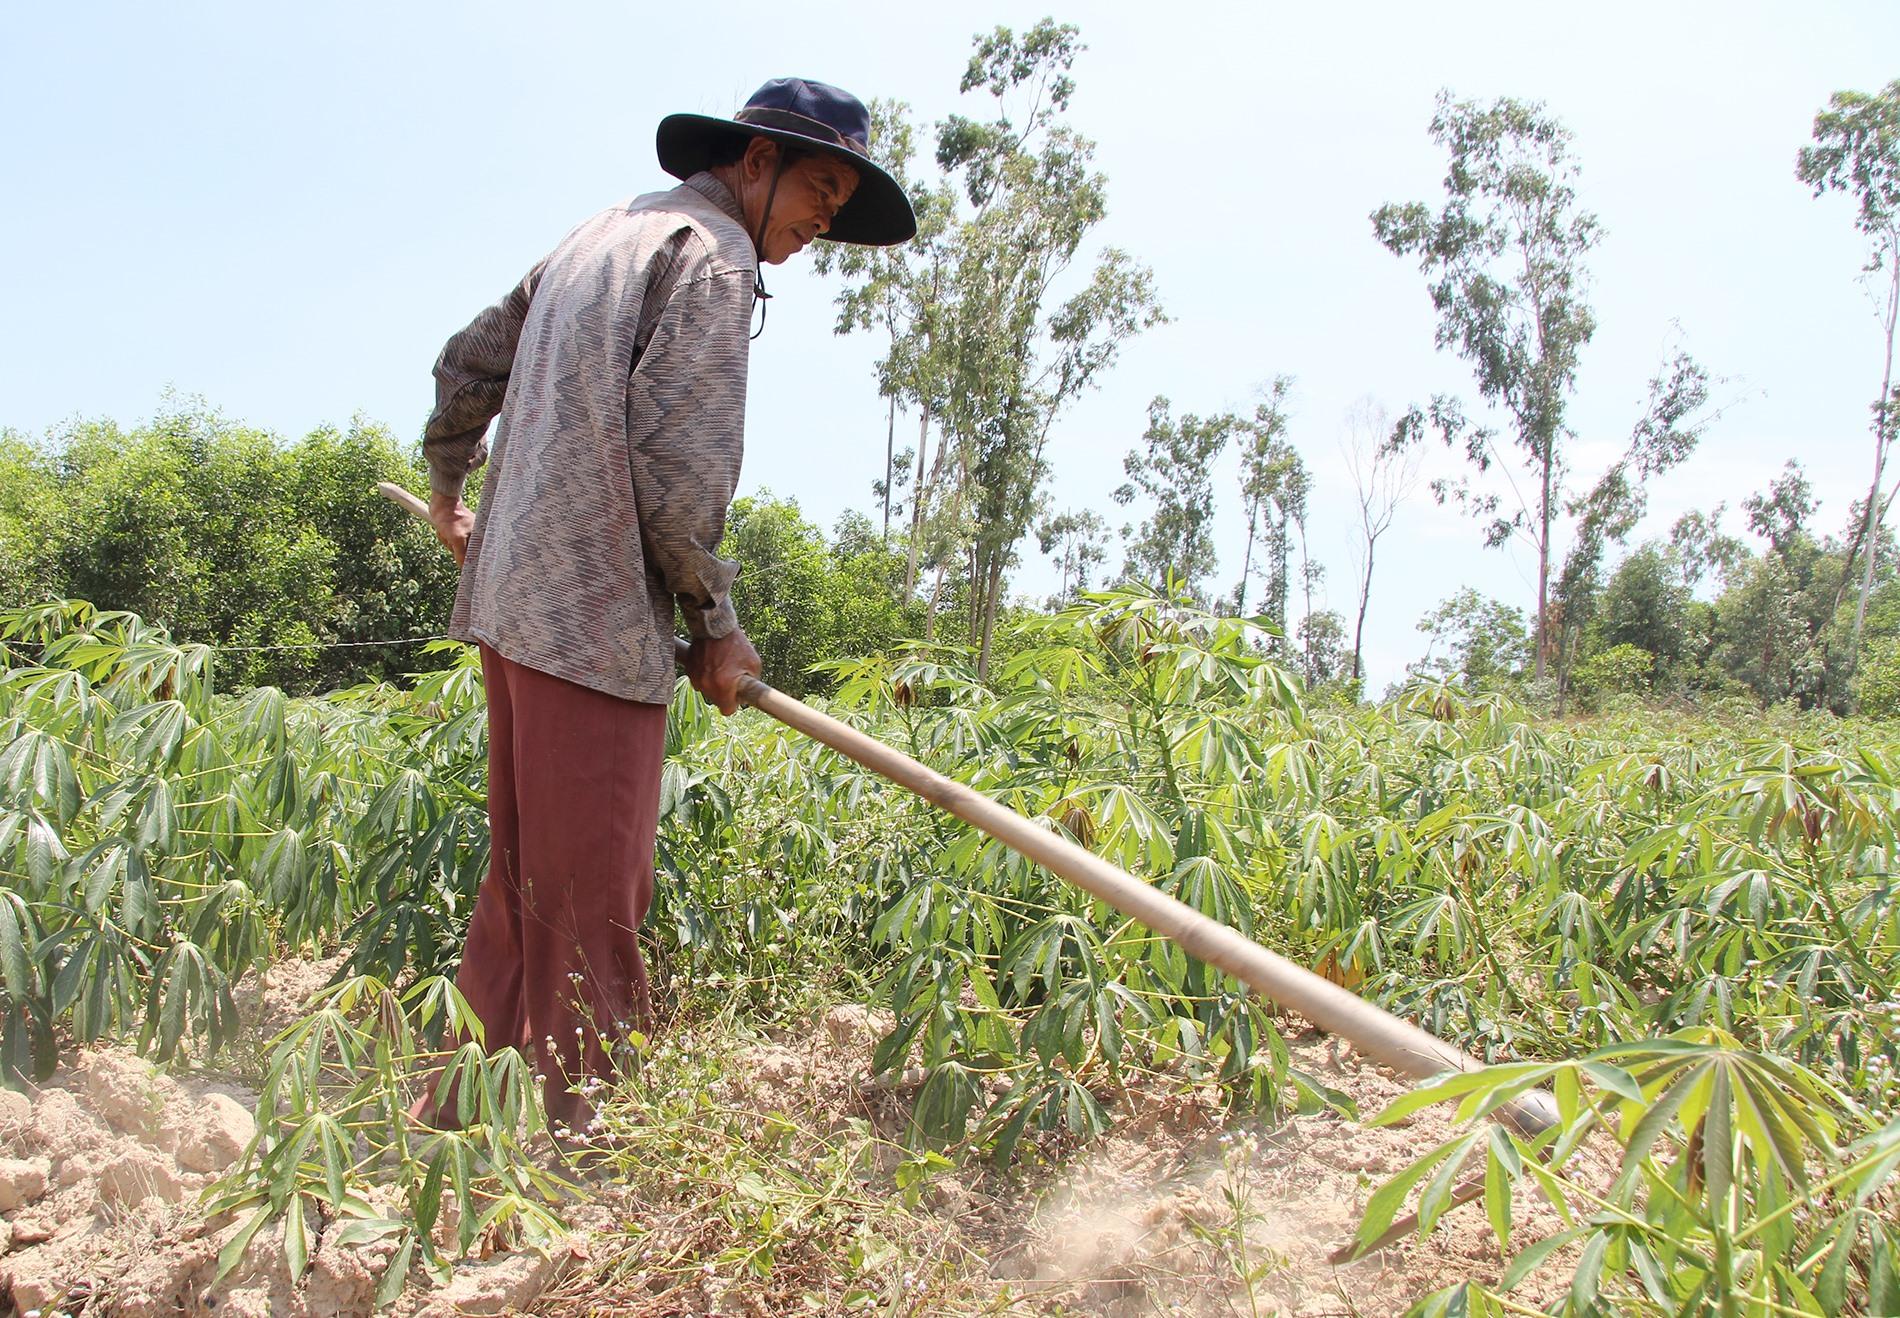 Chuyển đổi đất kém hiệu quả kinh tế sang trồng sắn mang lại thu nhập ổn định cho người dân xã Tam Anh Bắc. Ảnh: Q.H